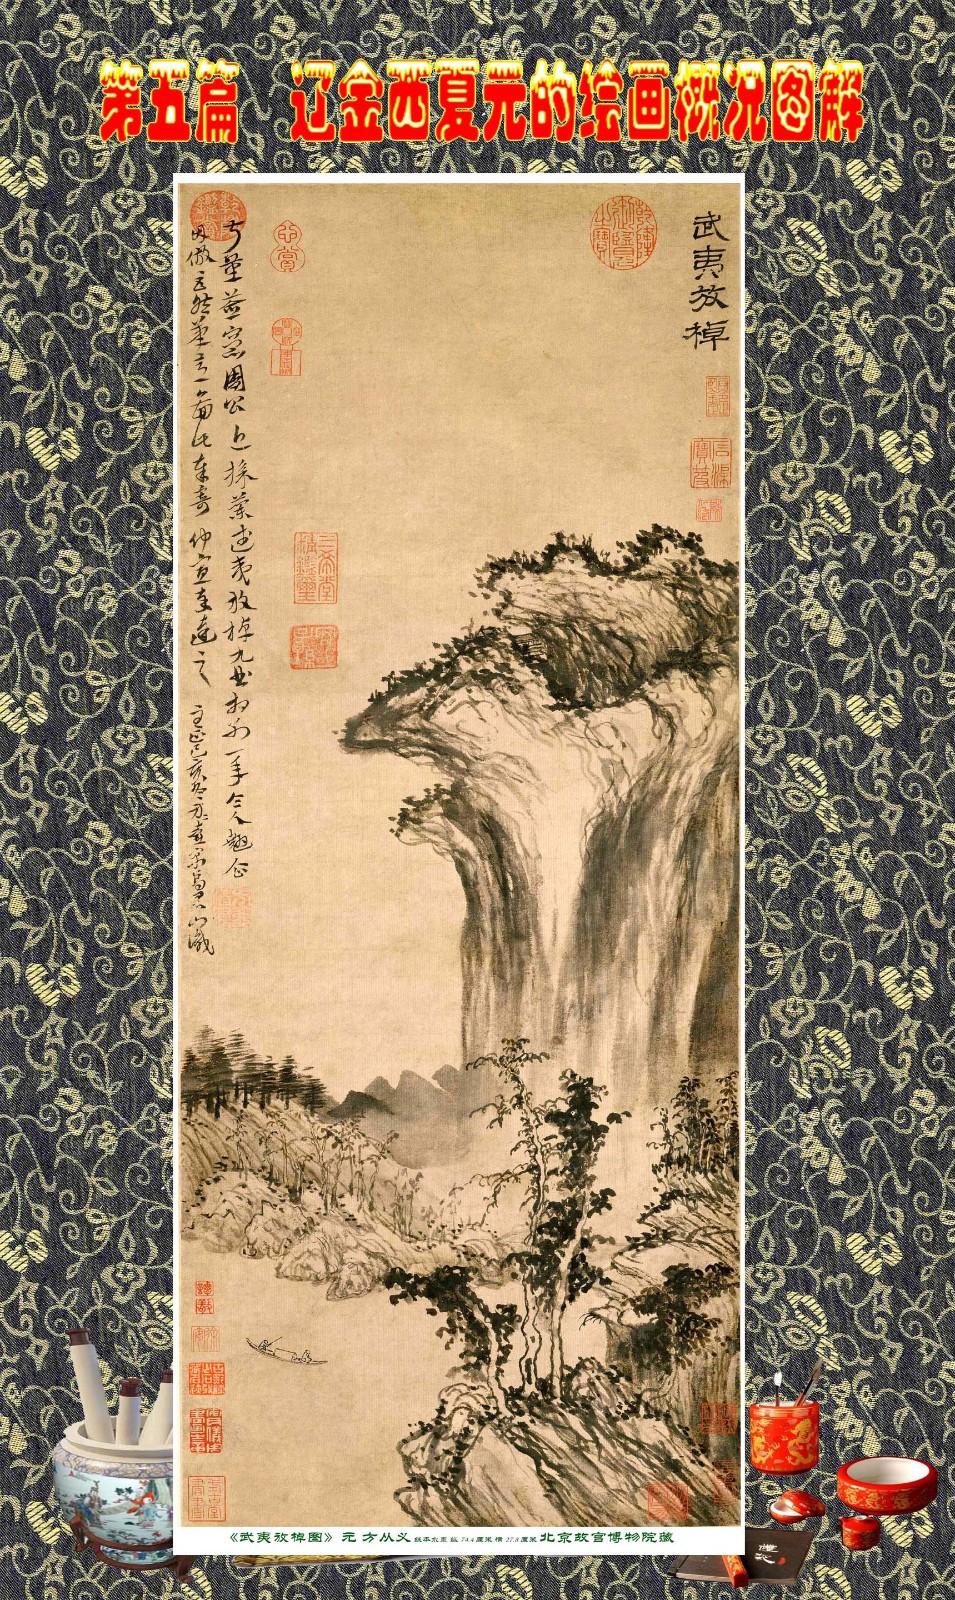 顾绍骅编辑 中国画知识普及版 第五篇 辽金西夏元的绘画概况 下 ... ..._图1-41